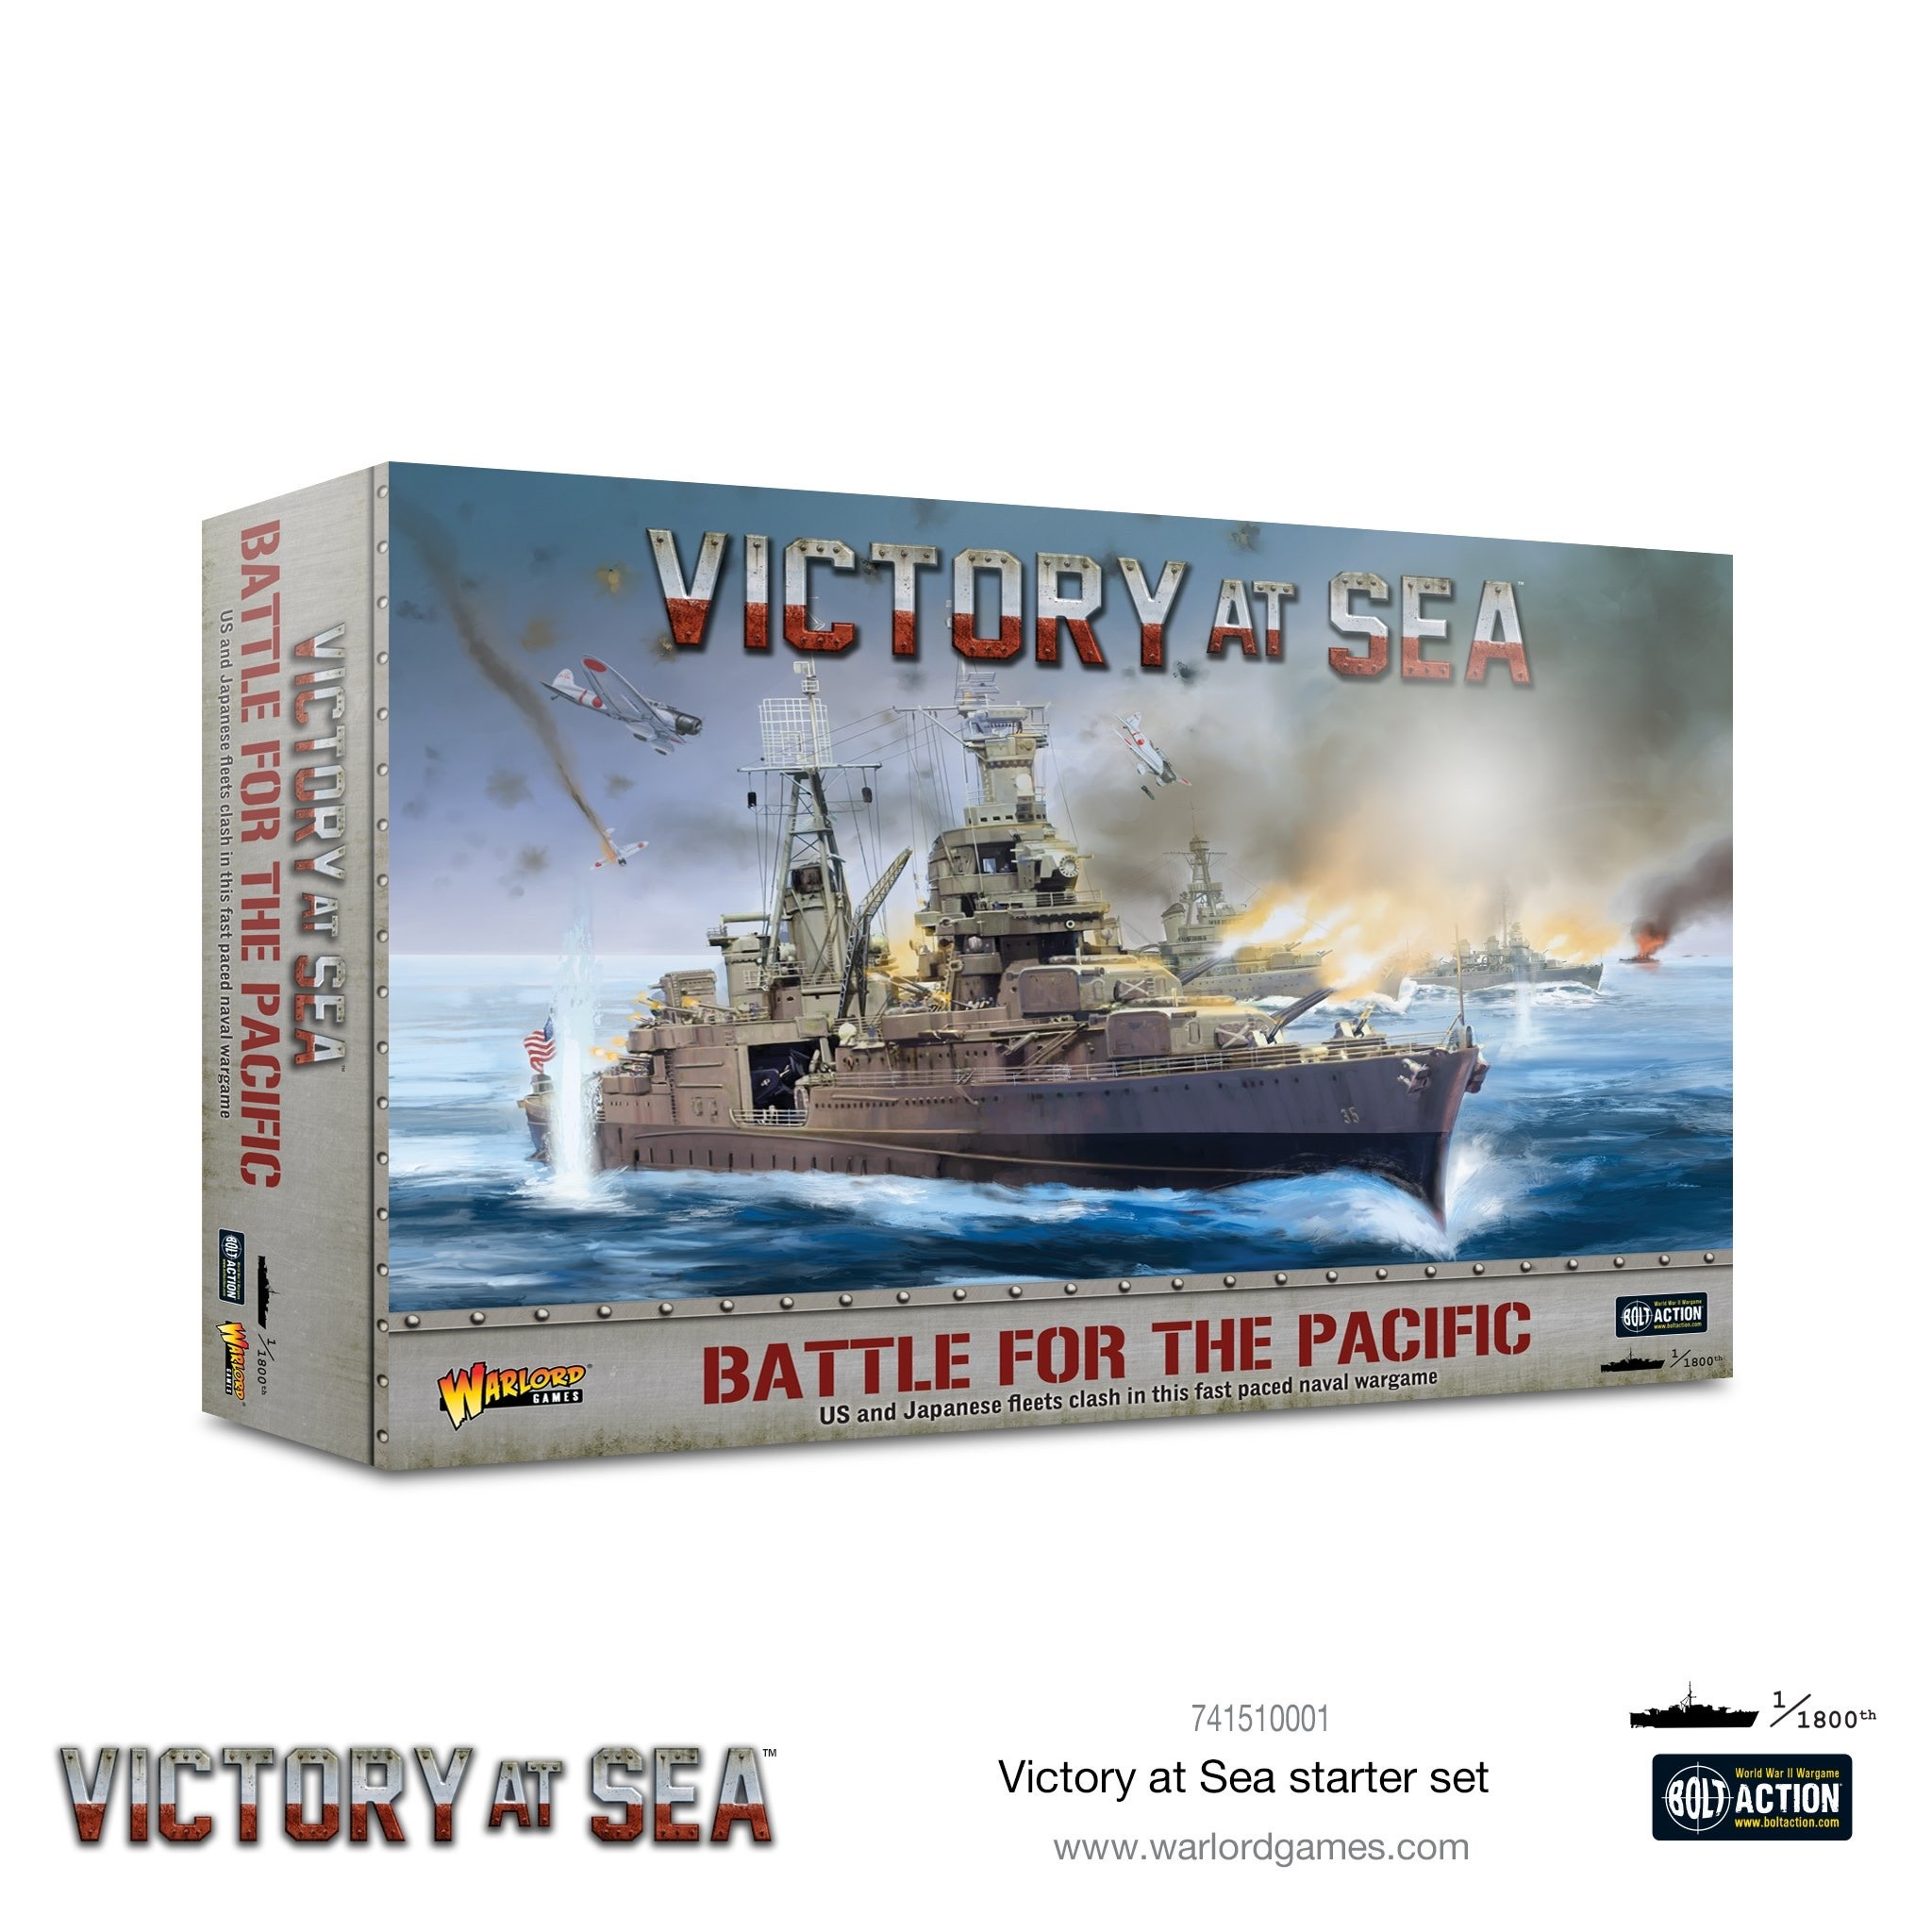 Warlord games Victory at Sea: Royal Navy Fleet- British